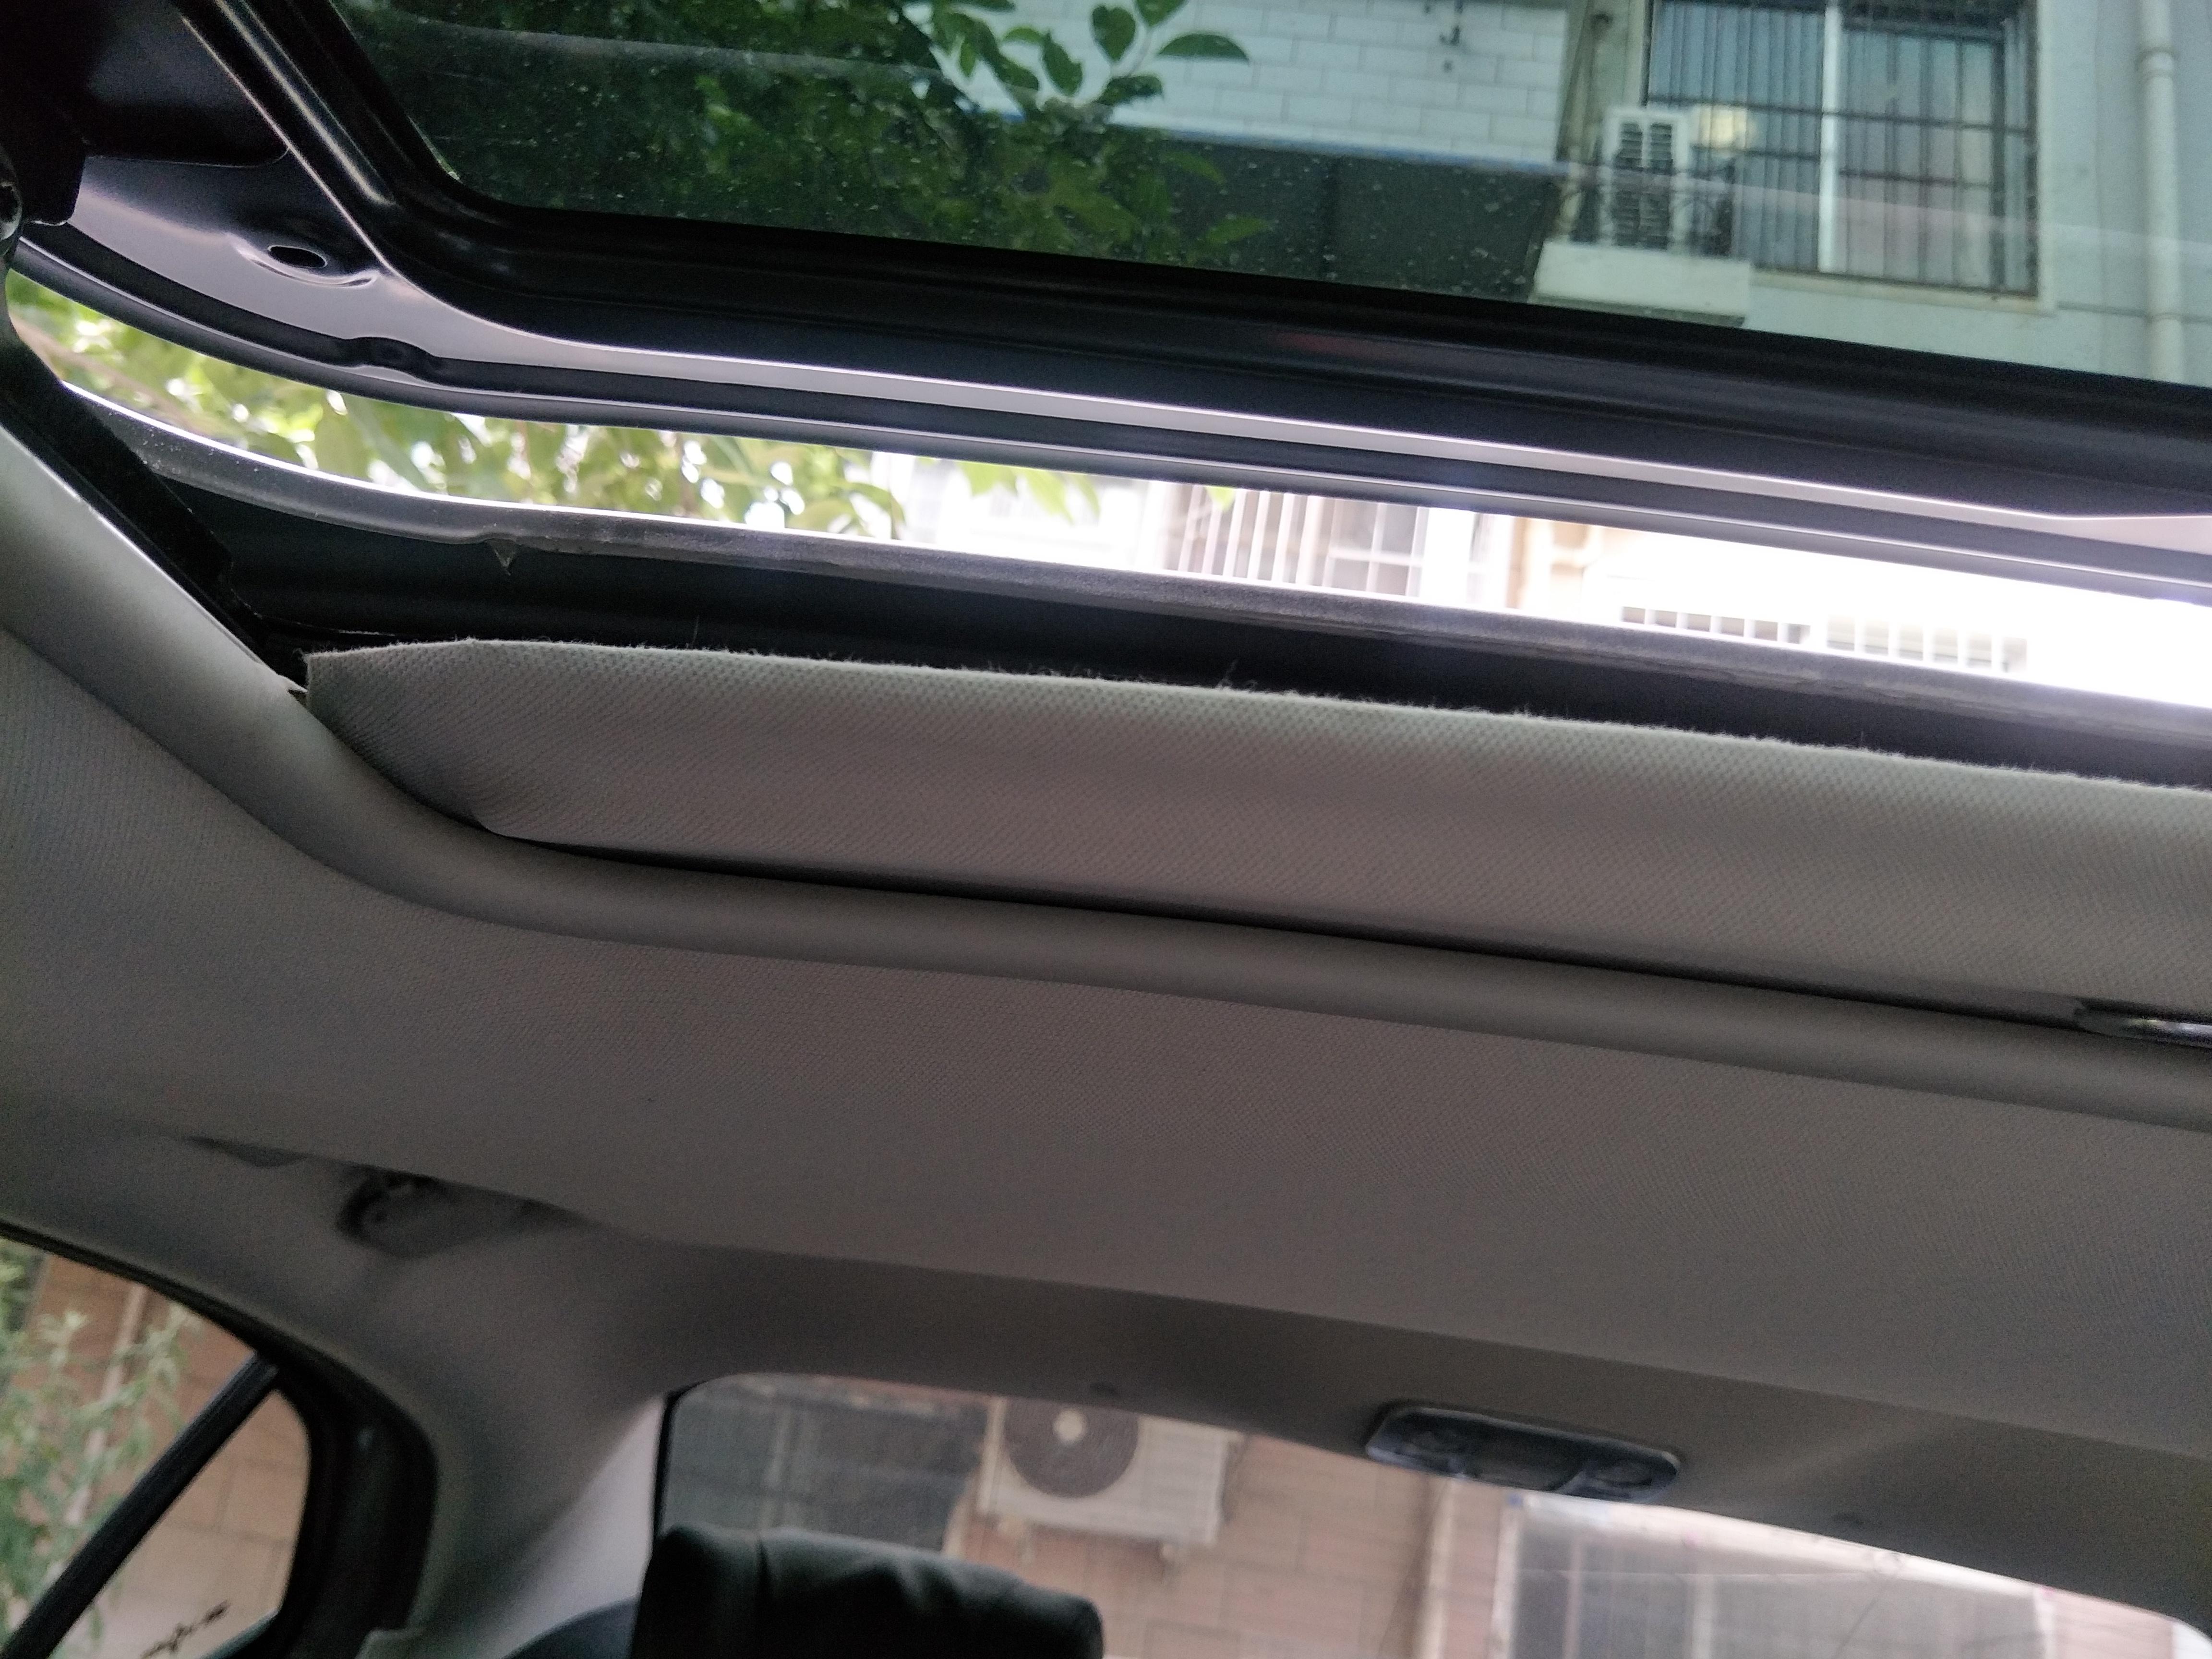 雪铁龙-雪铁龙C4L 出厂天窗内有尖锐金属划破天窗胶条